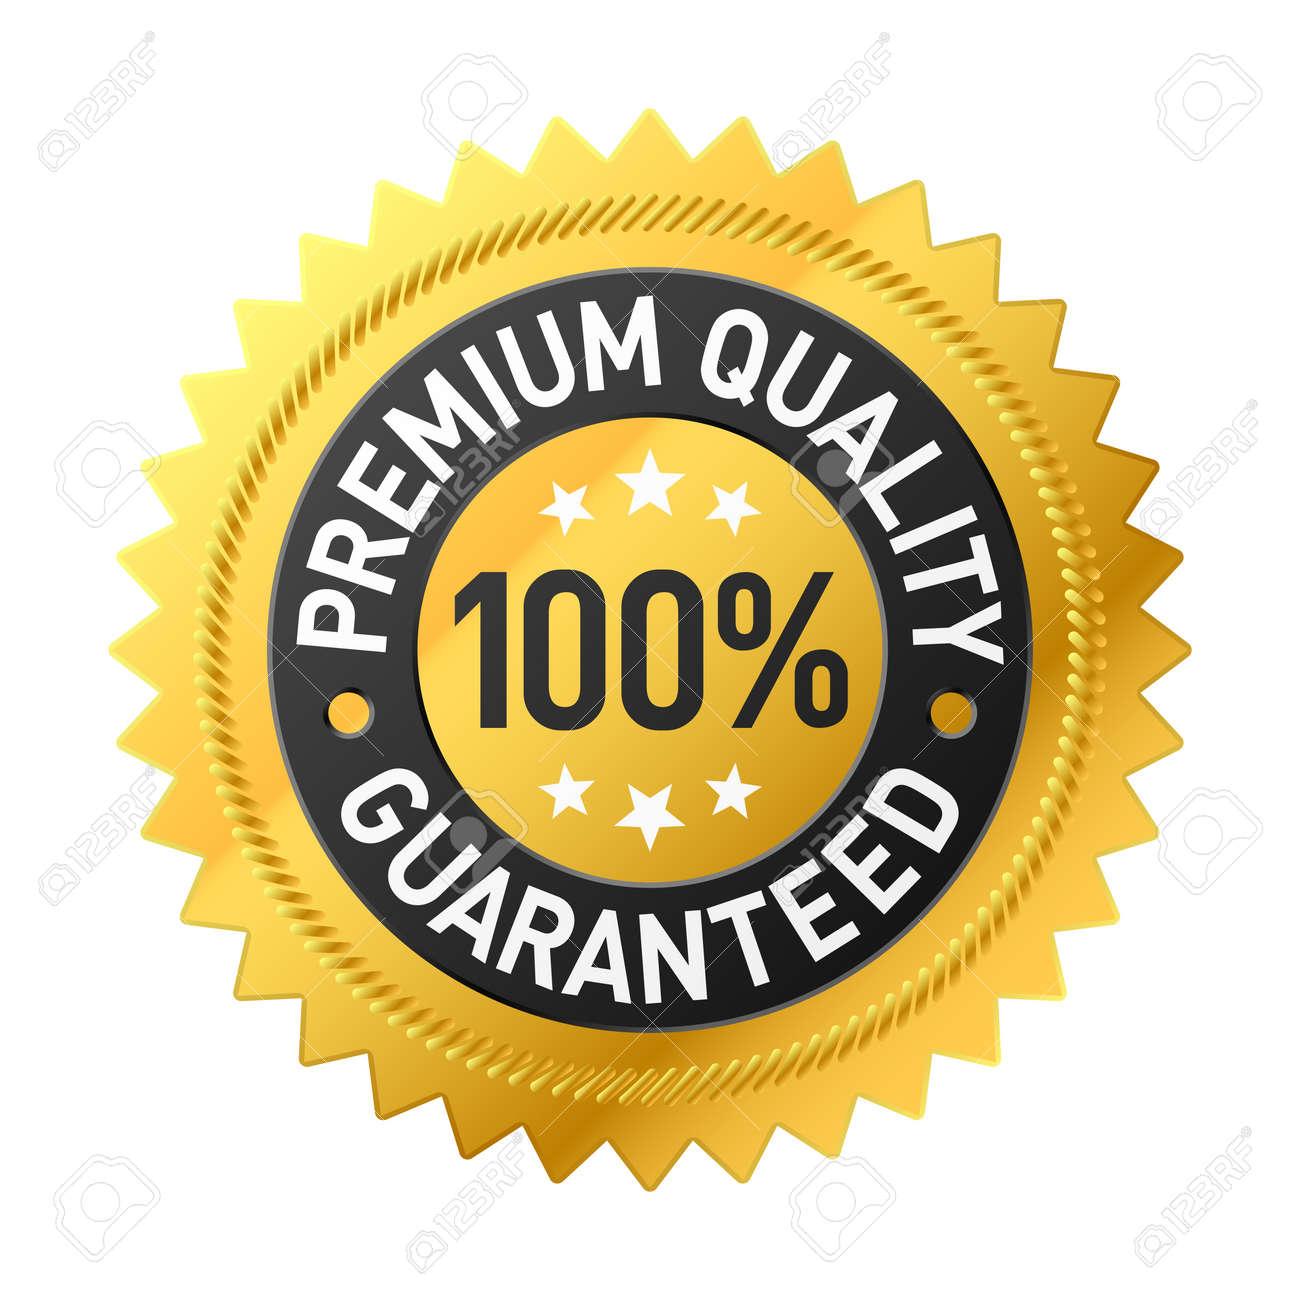 Premium quality label - 12772746